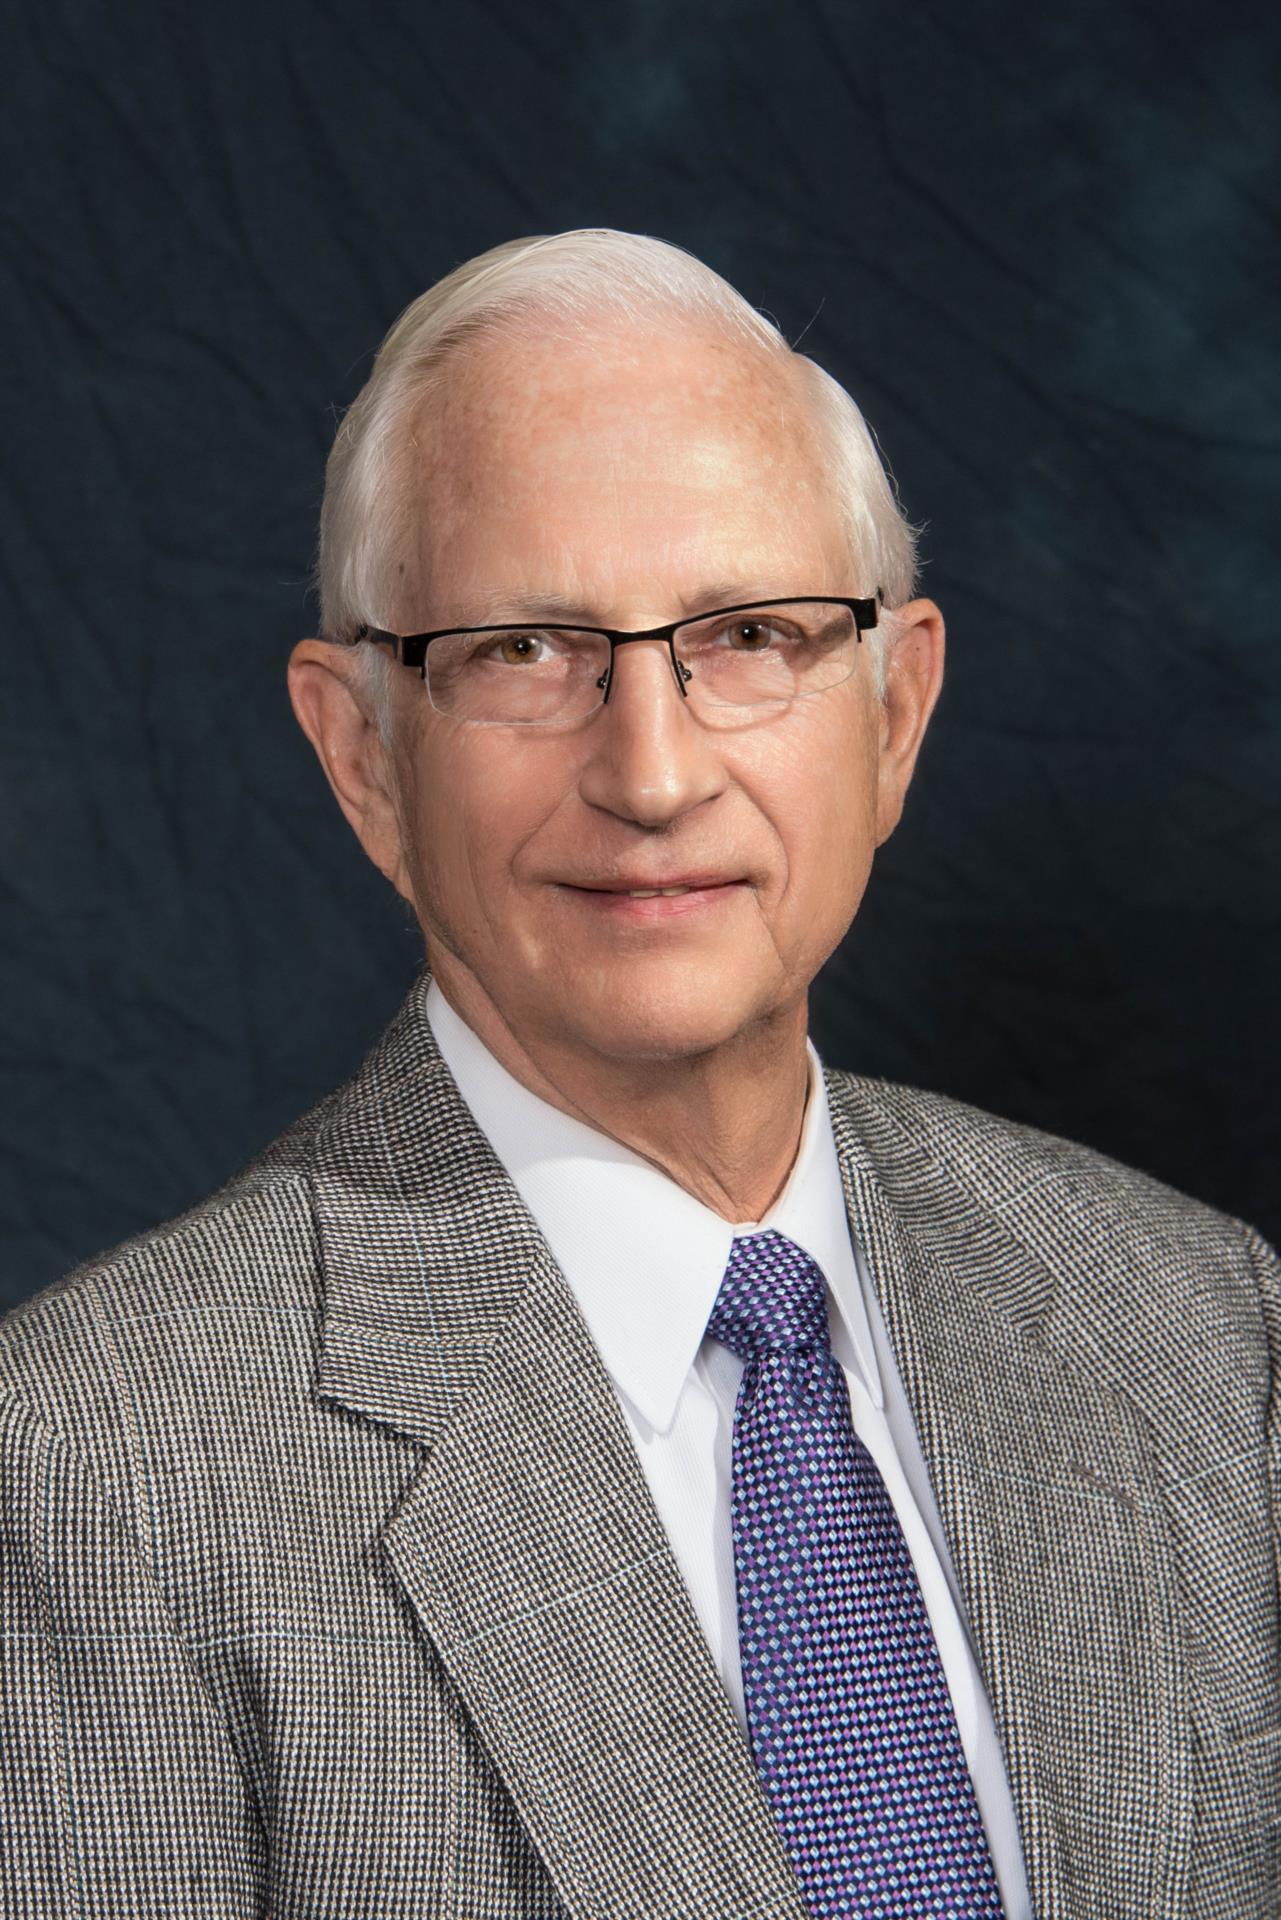 Dennis Laba